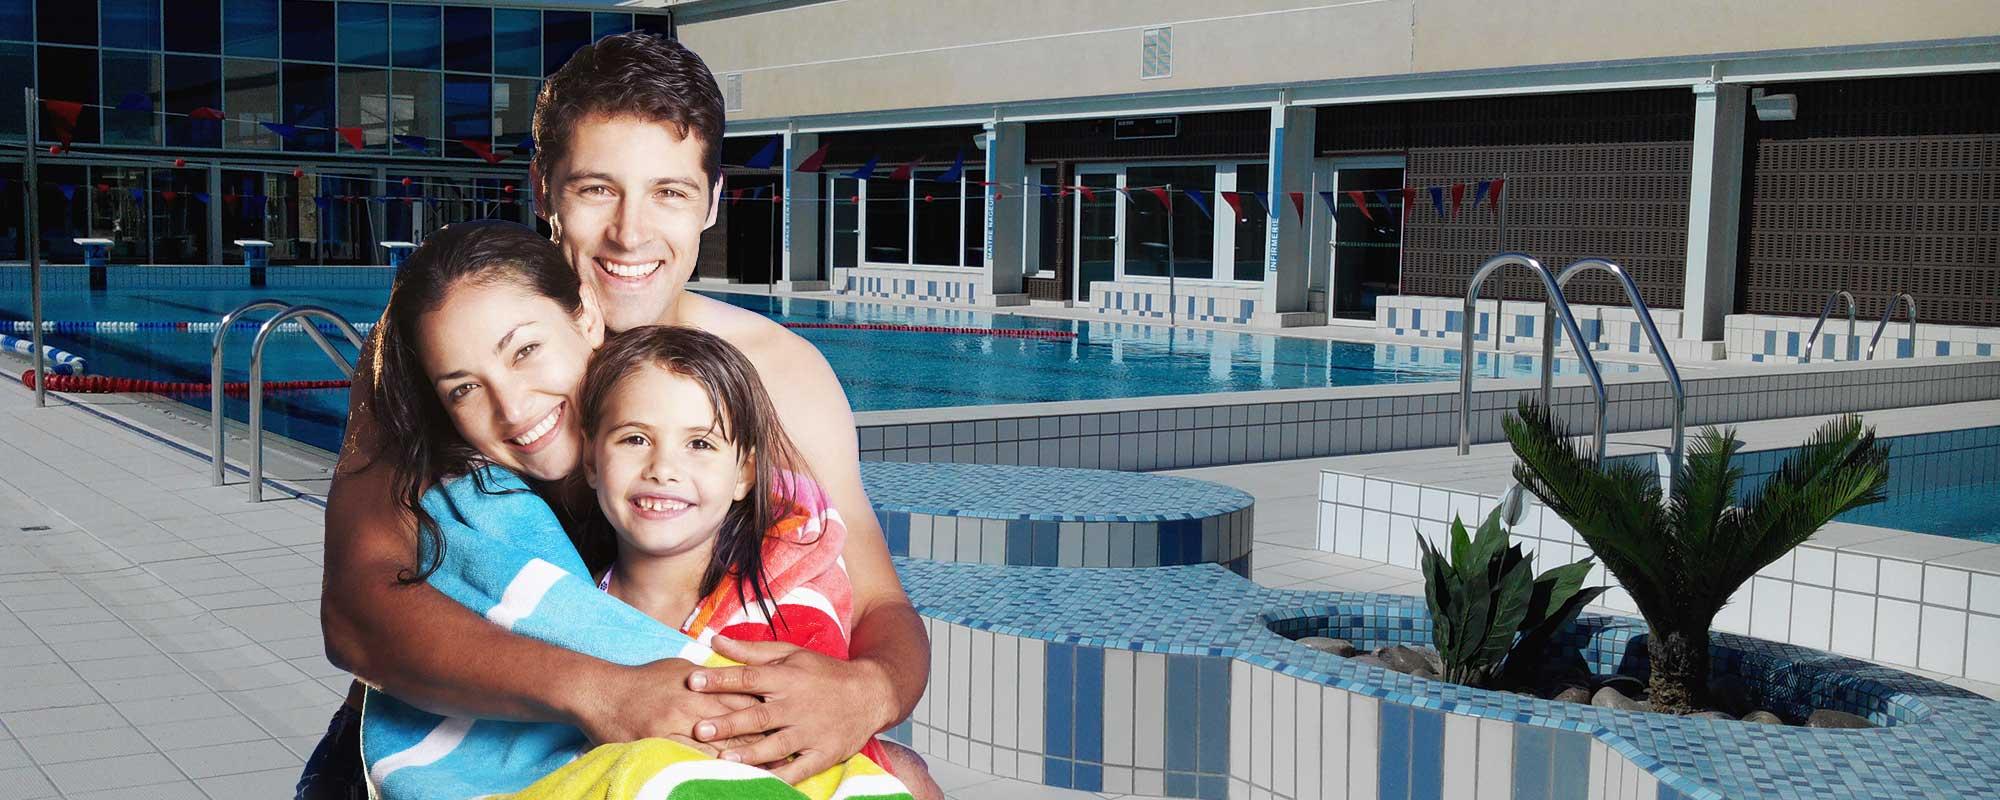 Centre Aquatique Les Bains De Minerve - Peyriac - Accueil destiné Piscine Mazamet Horaires